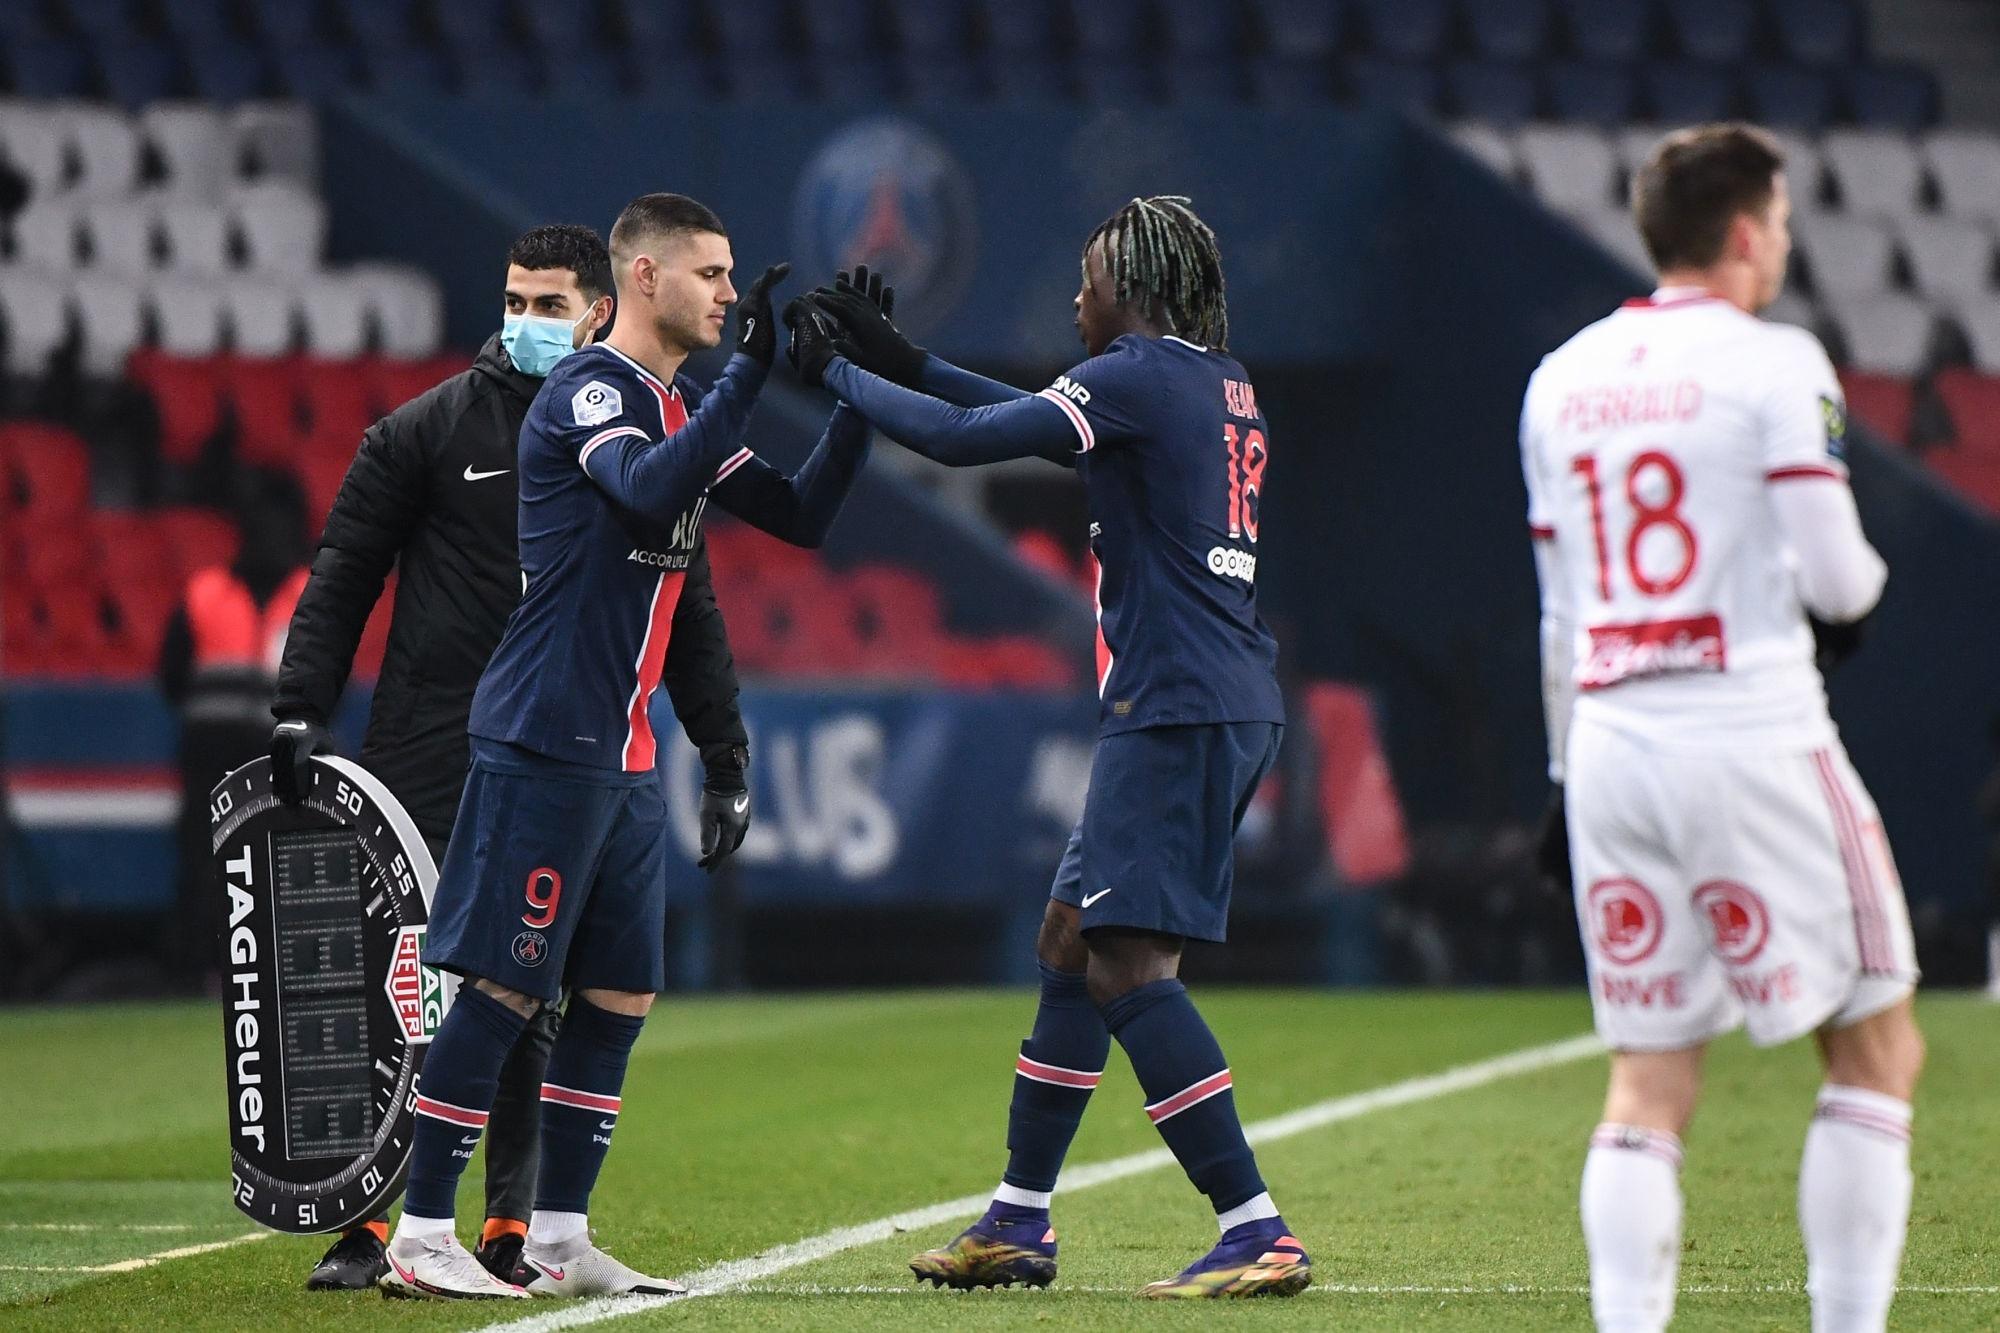 Mercato - Icardi veut rester au PSG, mais ce sera lui ou Kean d'après Sport Mediaset